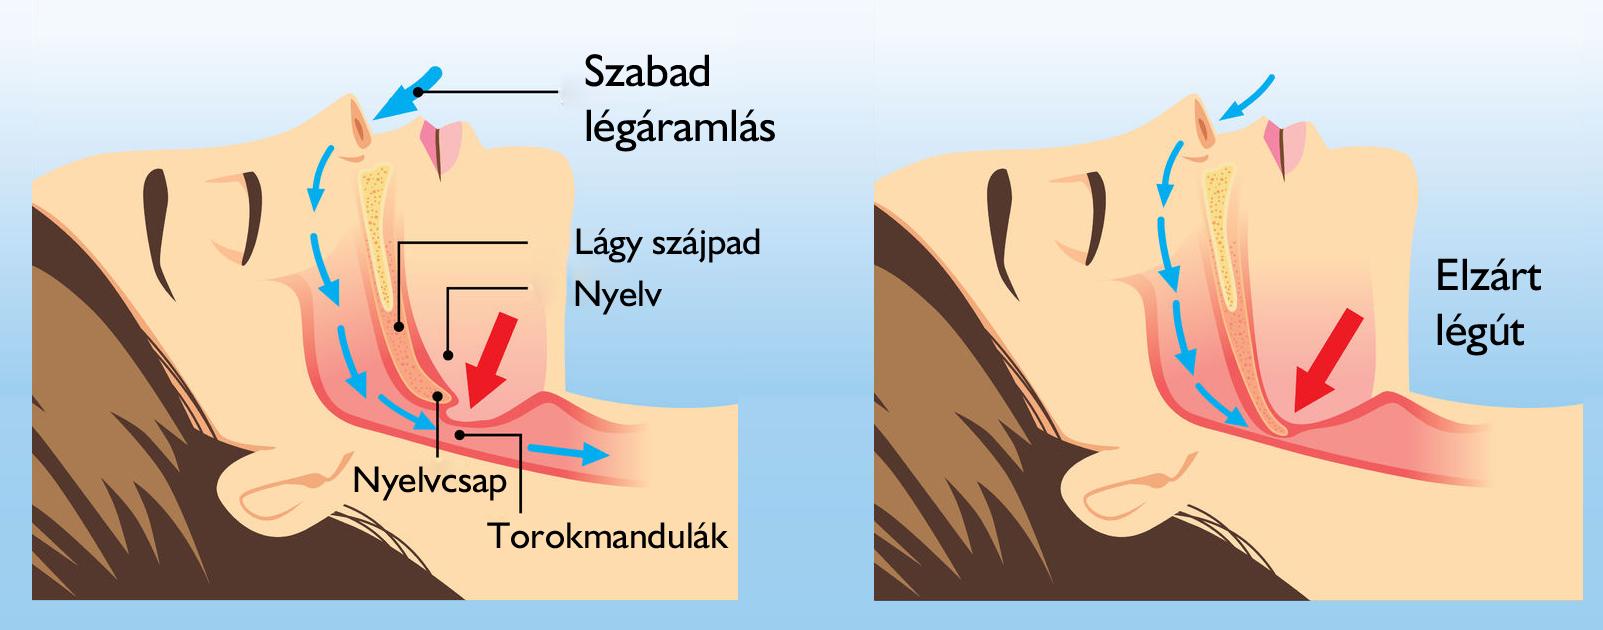 Horkolás műtét, az éjszakai légzéskimaradás-kezelése